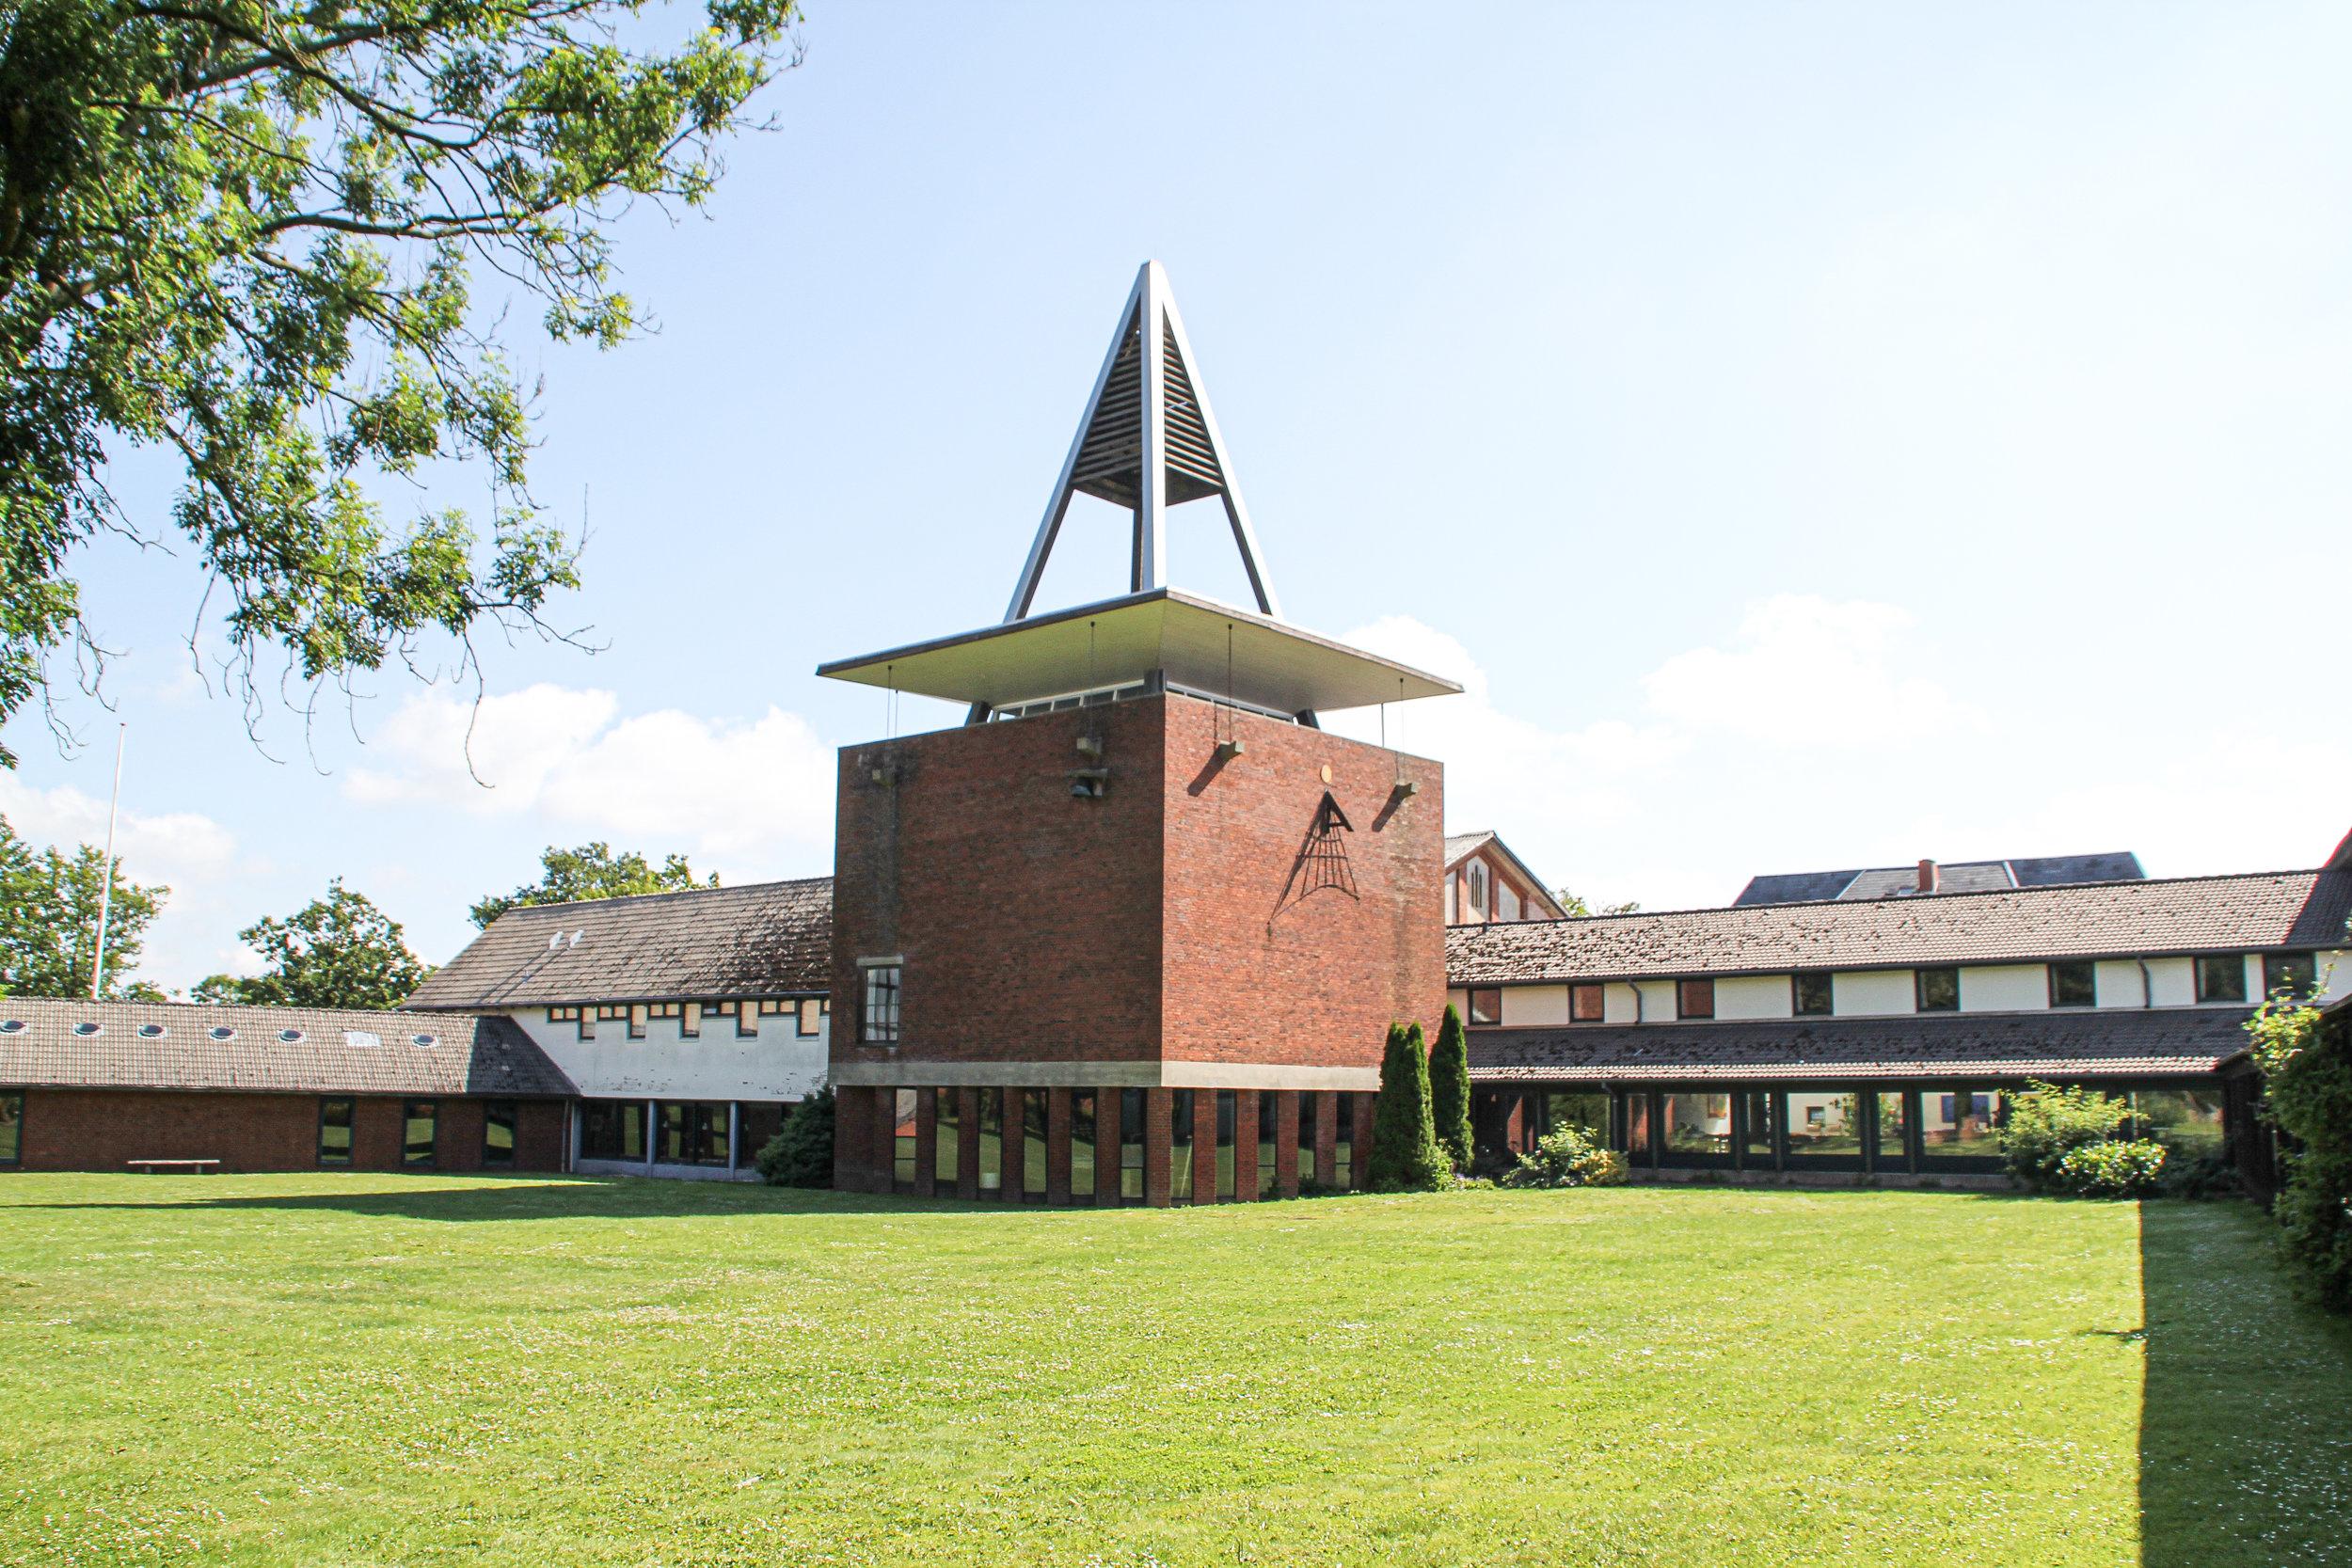 Højskolerne er ikke bare en del af den danske identitet, men de er også arnestedet for de flestes dannelse. Billedet her forestiller ét af de mest kendte højskoler, Askov Højskole. Foto: Christian Hebell Paulsen.